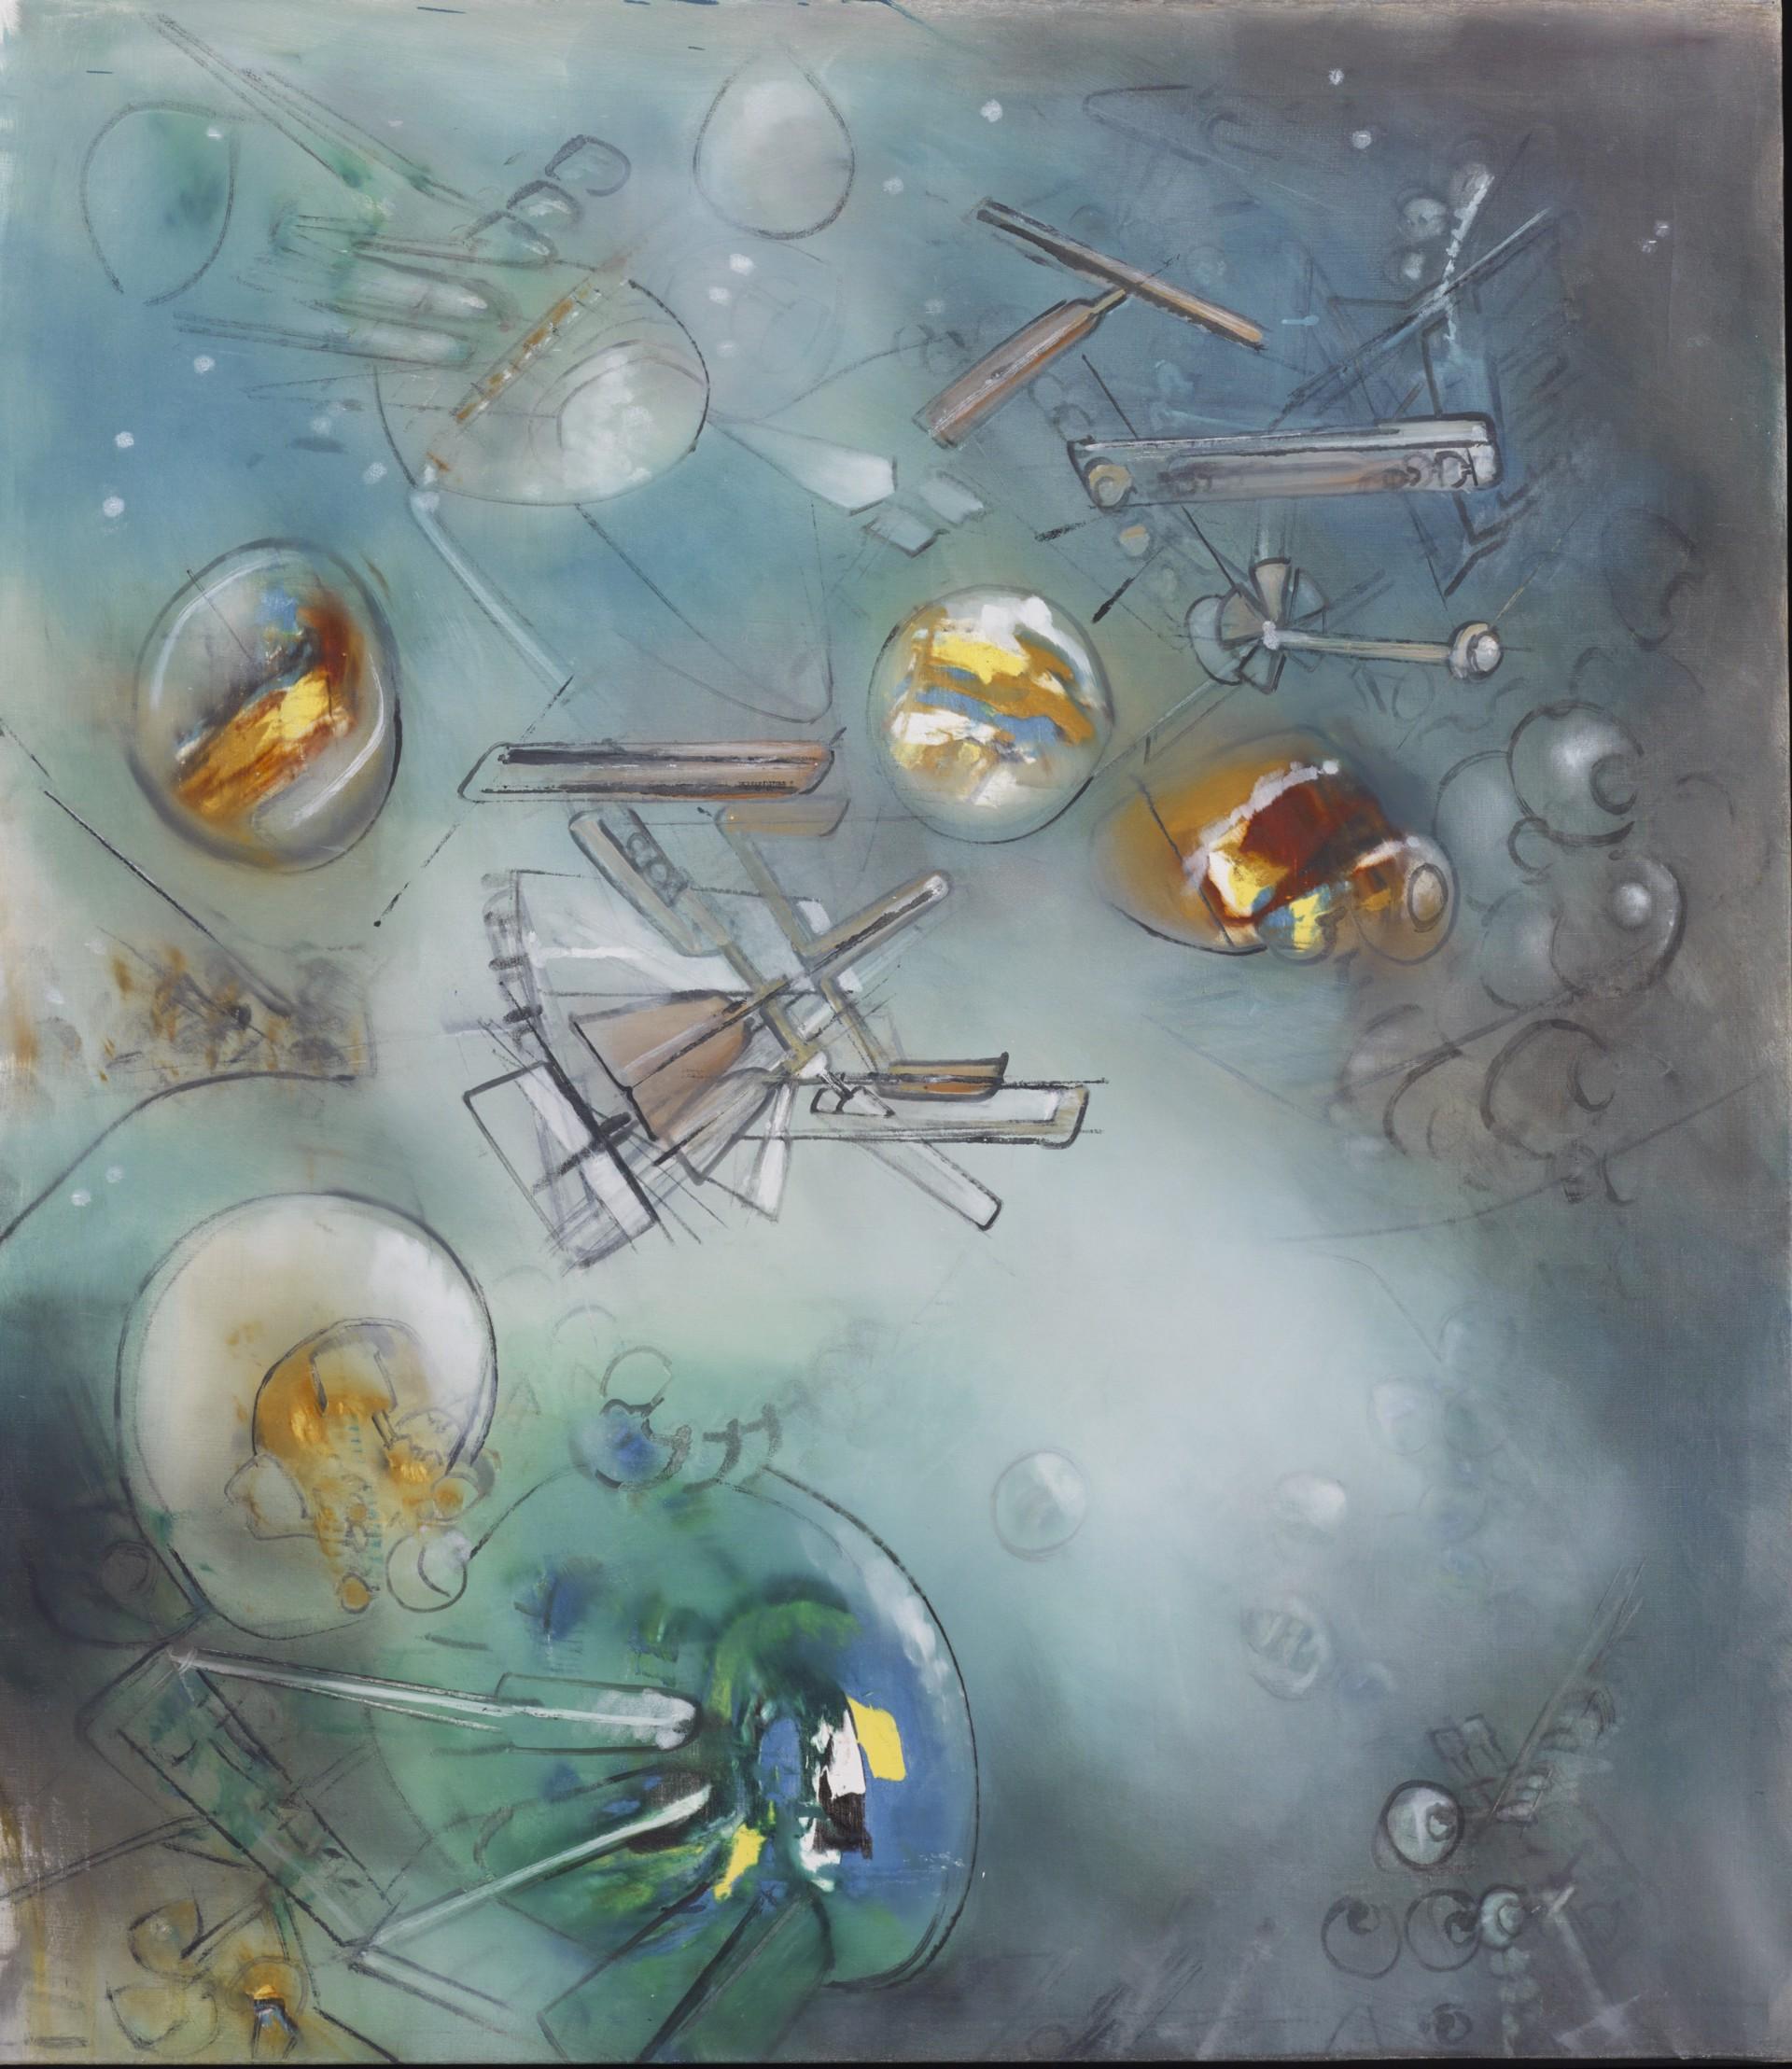 Espacio de l'Especie by Roberto Matta (1911 - 2002)